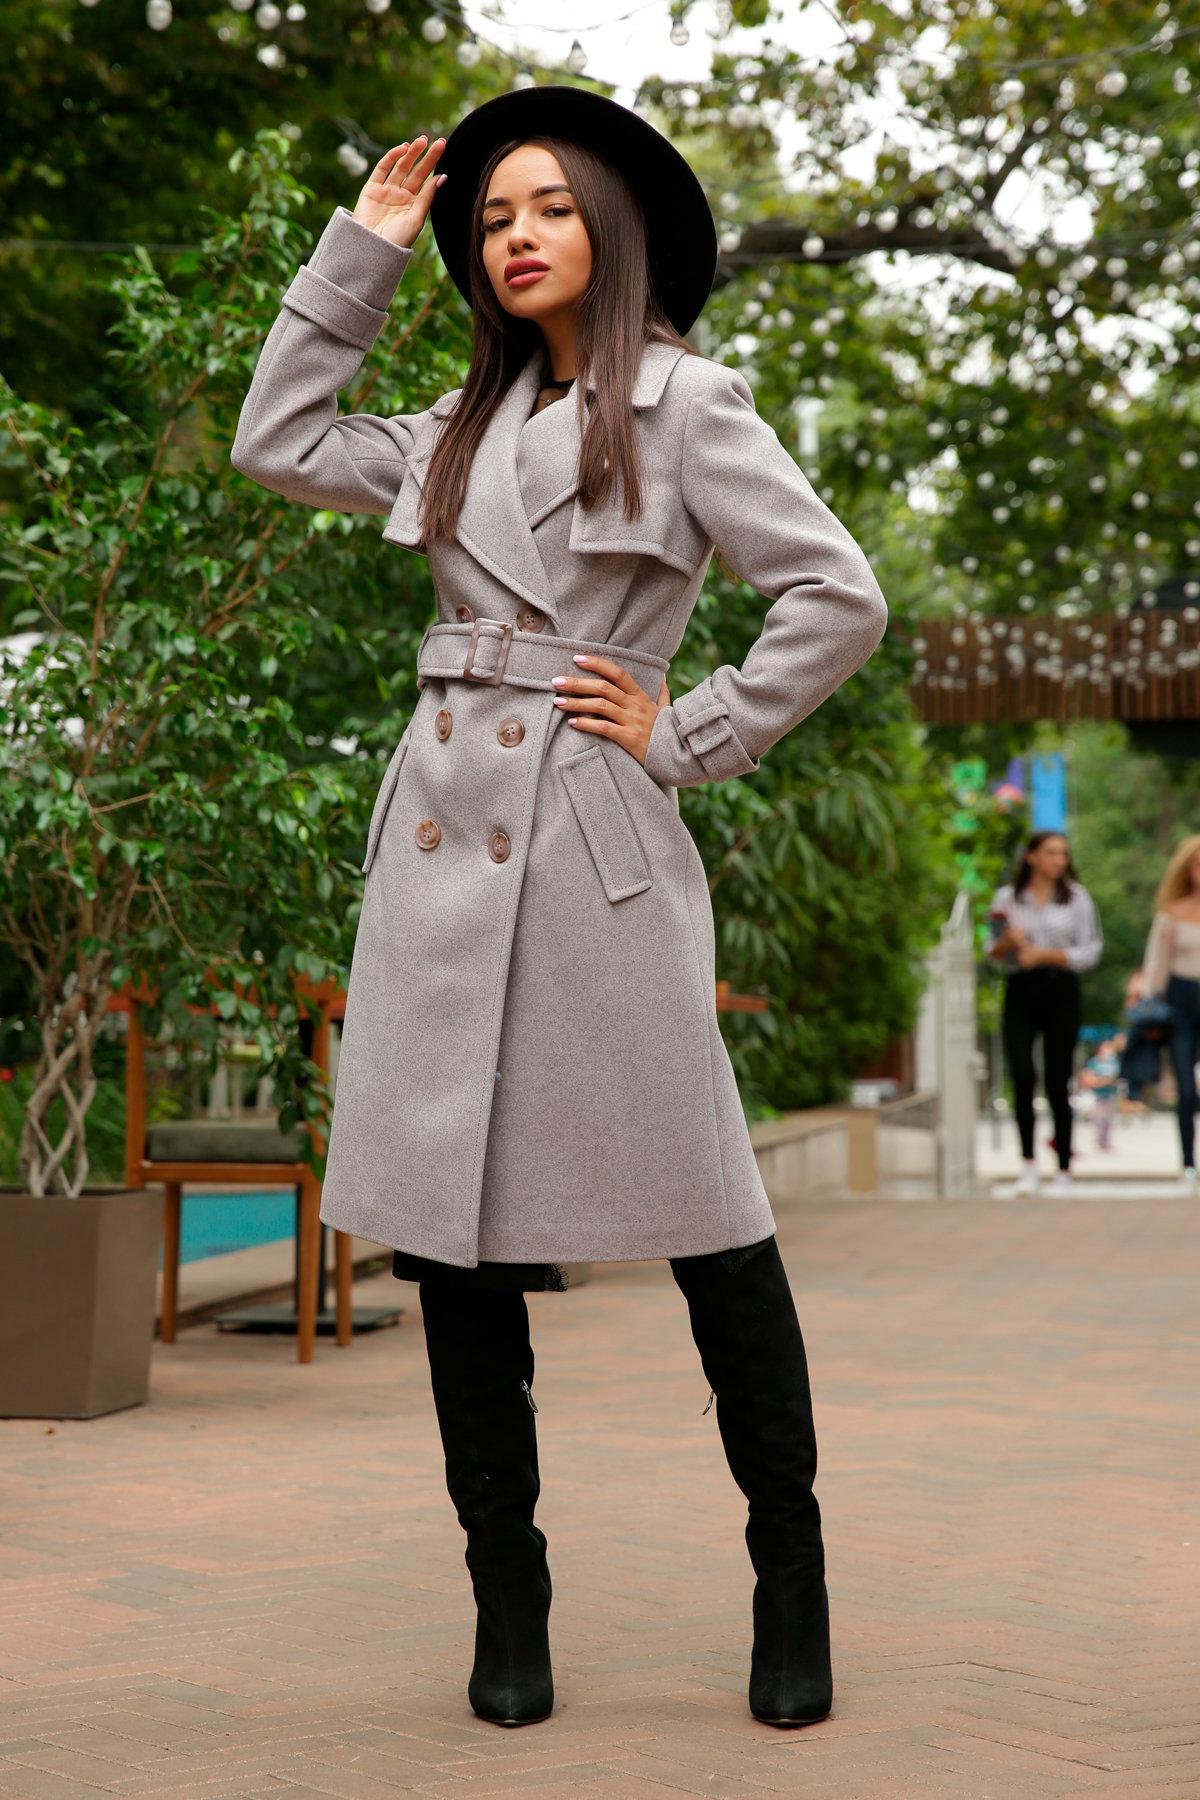 Двубортное пальто демисезон Монте 8089 АРТ. 44031 Цвет: Серый-розовый - фото 2, интернет магазин tm-modus.ru